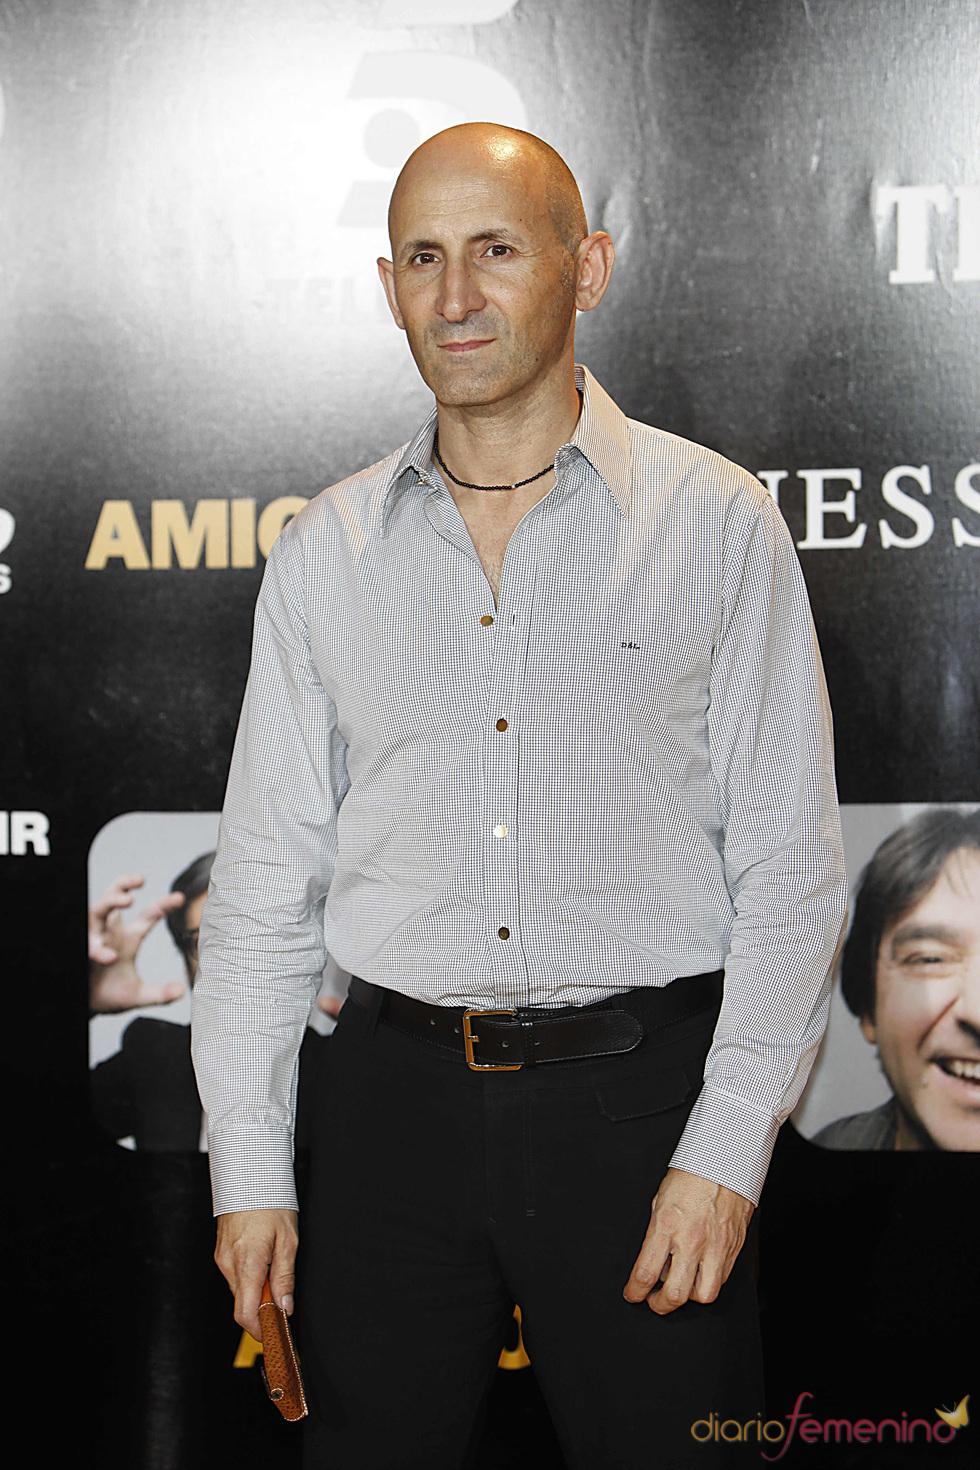 Modesto Lomba en el estreno de la película 'Amigos'